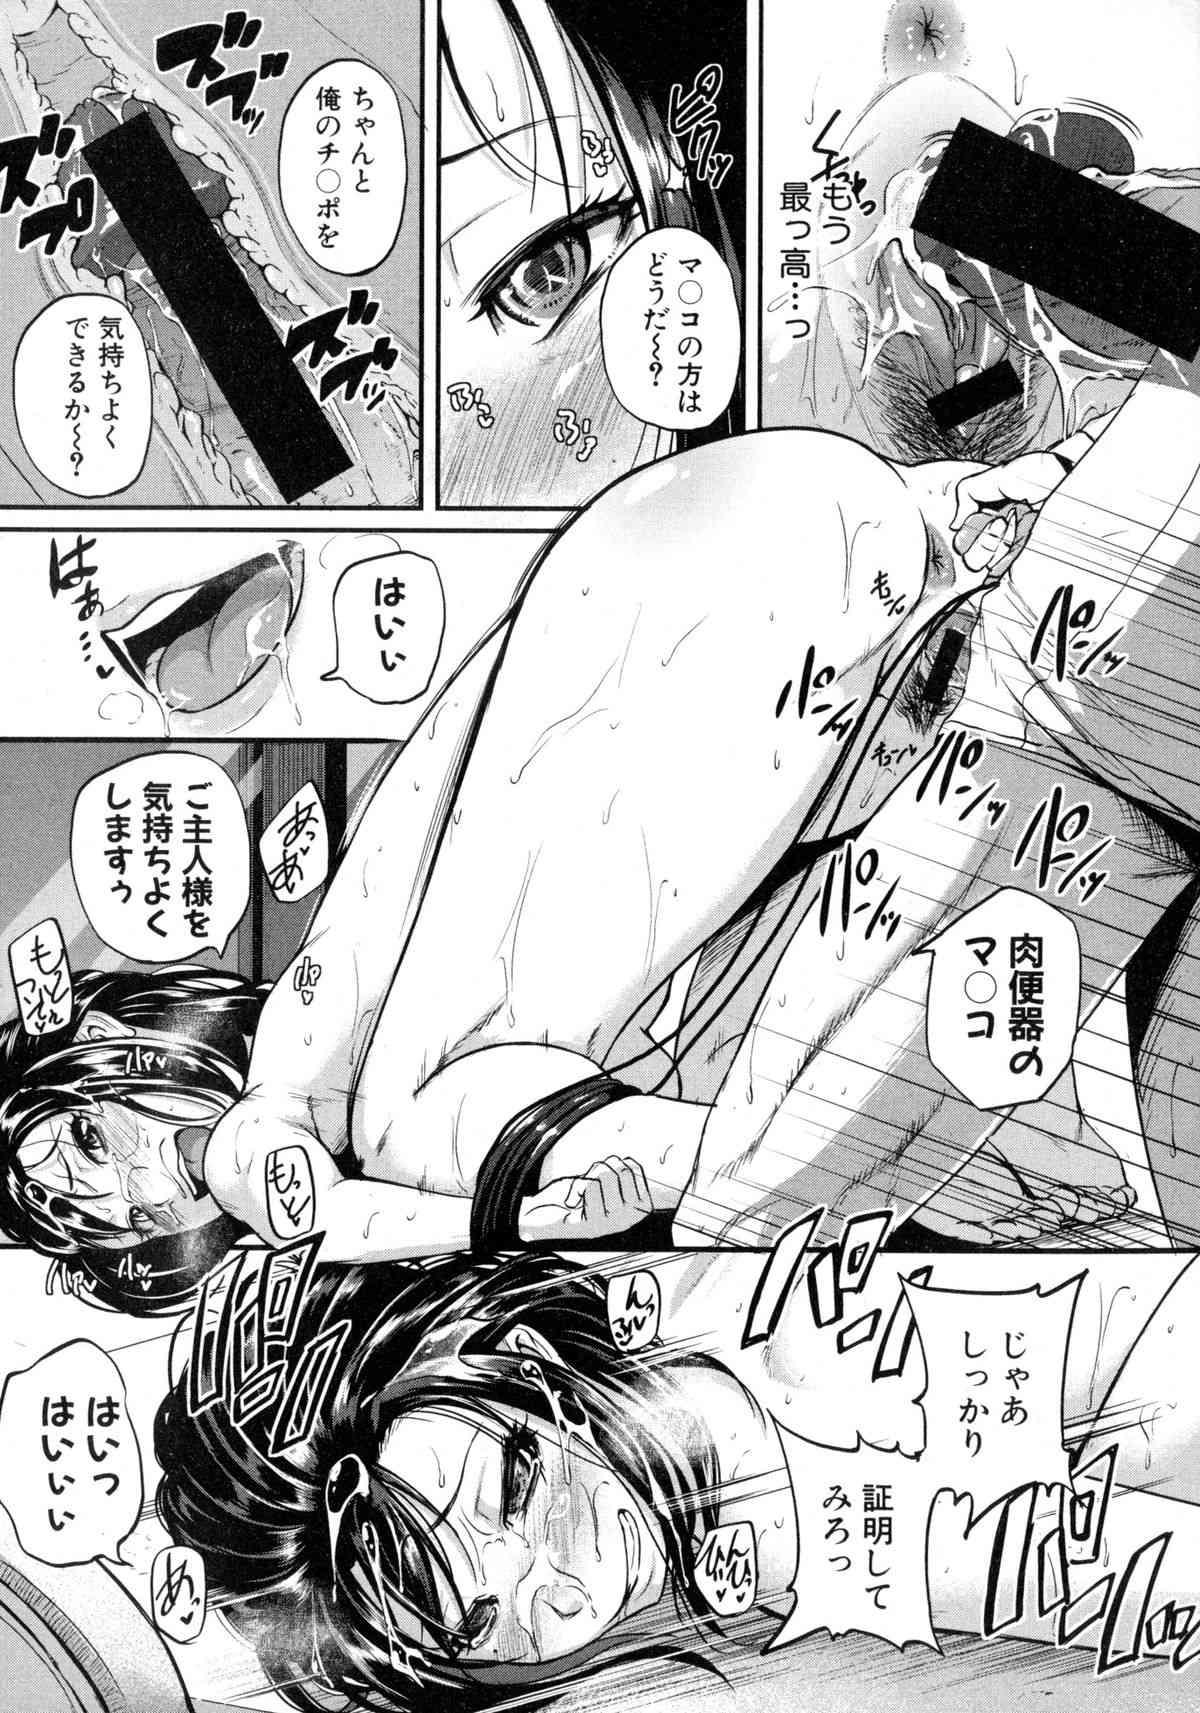 【エロ漫画】職場の部下の肉便器なOL…残業している部下に掴まりガムテープで拘束され凌辱プレイwww【とんのすけ:やっぱり課長はマドdoレイ】